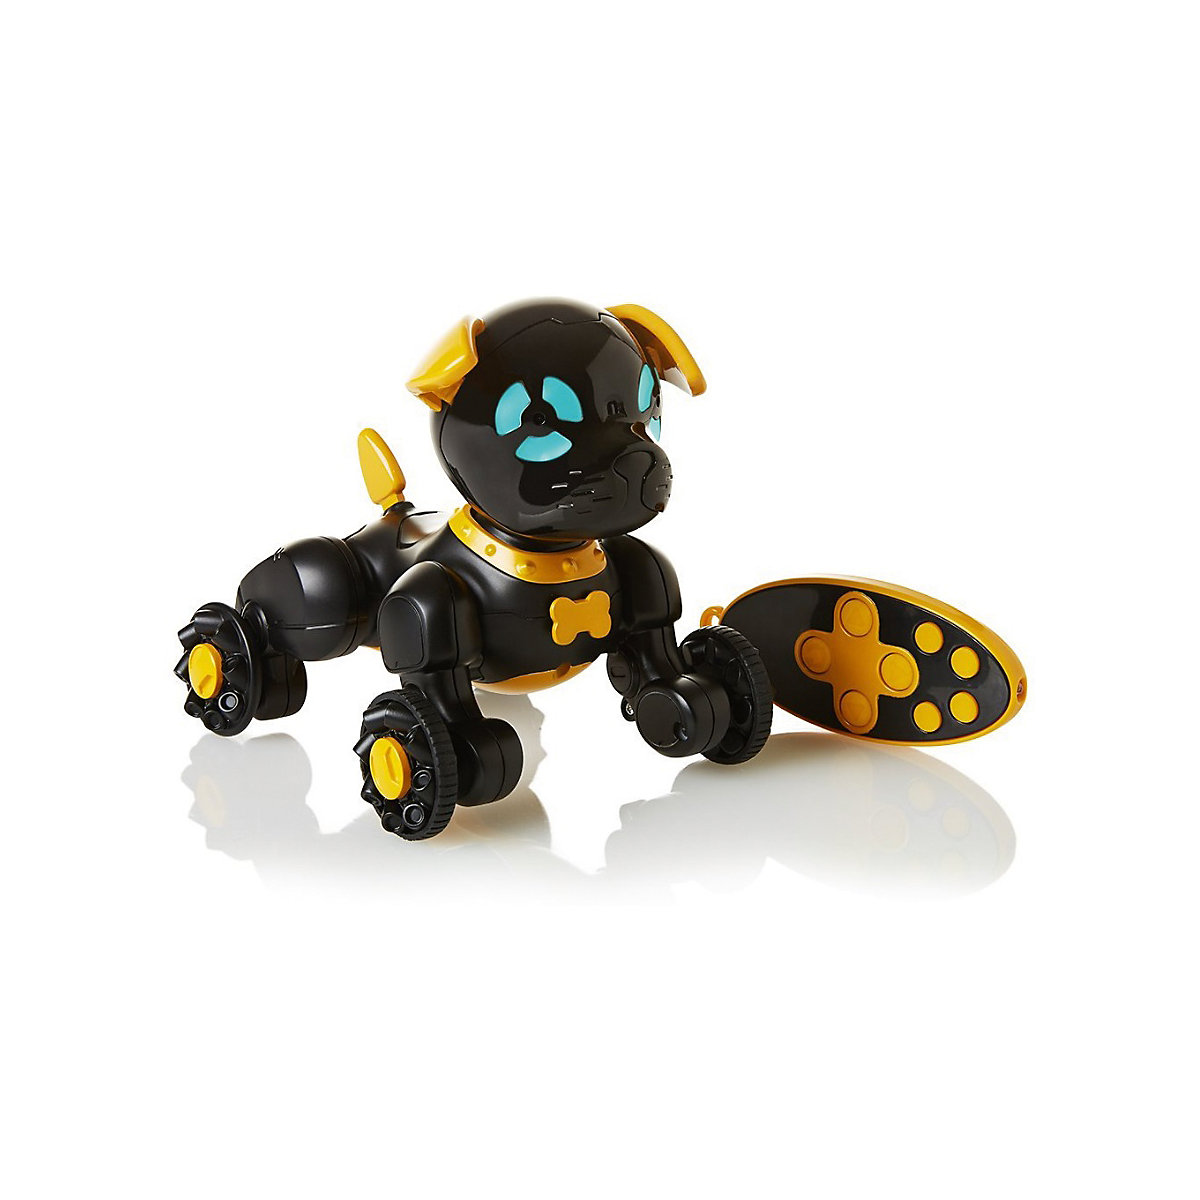 Animali Domestici elettronici WowWee 7314004 Tamagochi Robot Giocattoli Interattivo Del Cane Animali Bambini MTpromo